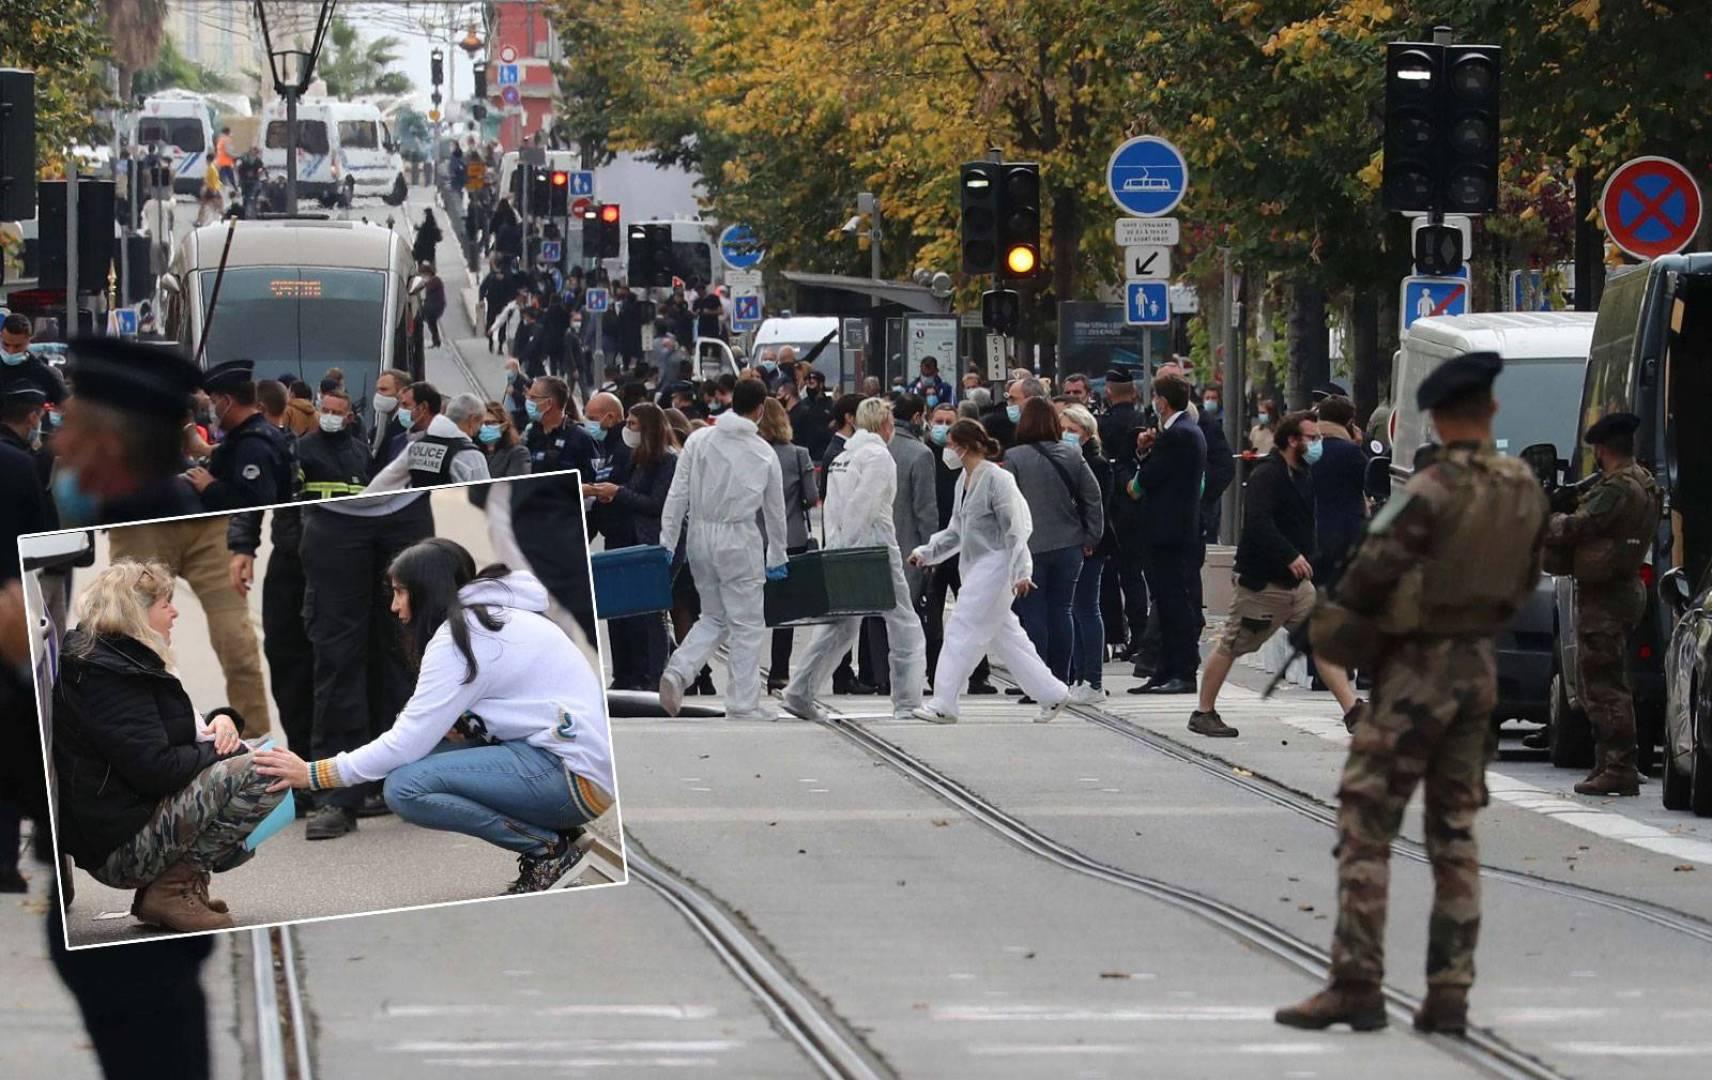 نادل مطعم قريب من حادث الطعن في نيس: رأيت إطلاق نار كثيف وامرأة تصرخ